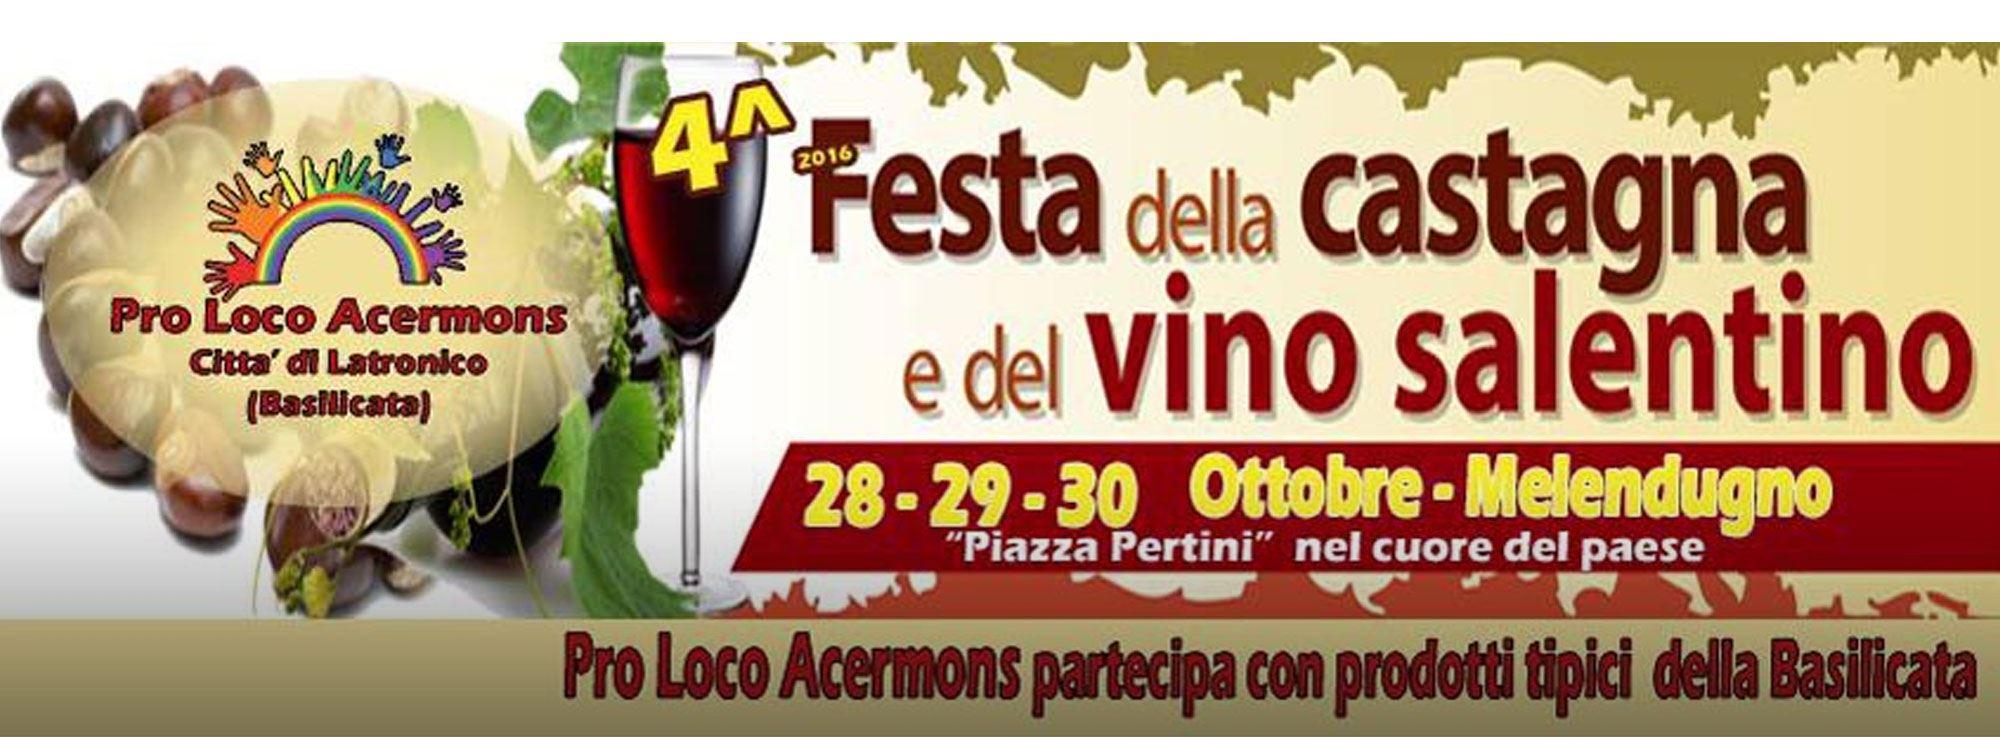 Melendugno: Festa della Castagna e del Vino Salentino 2016